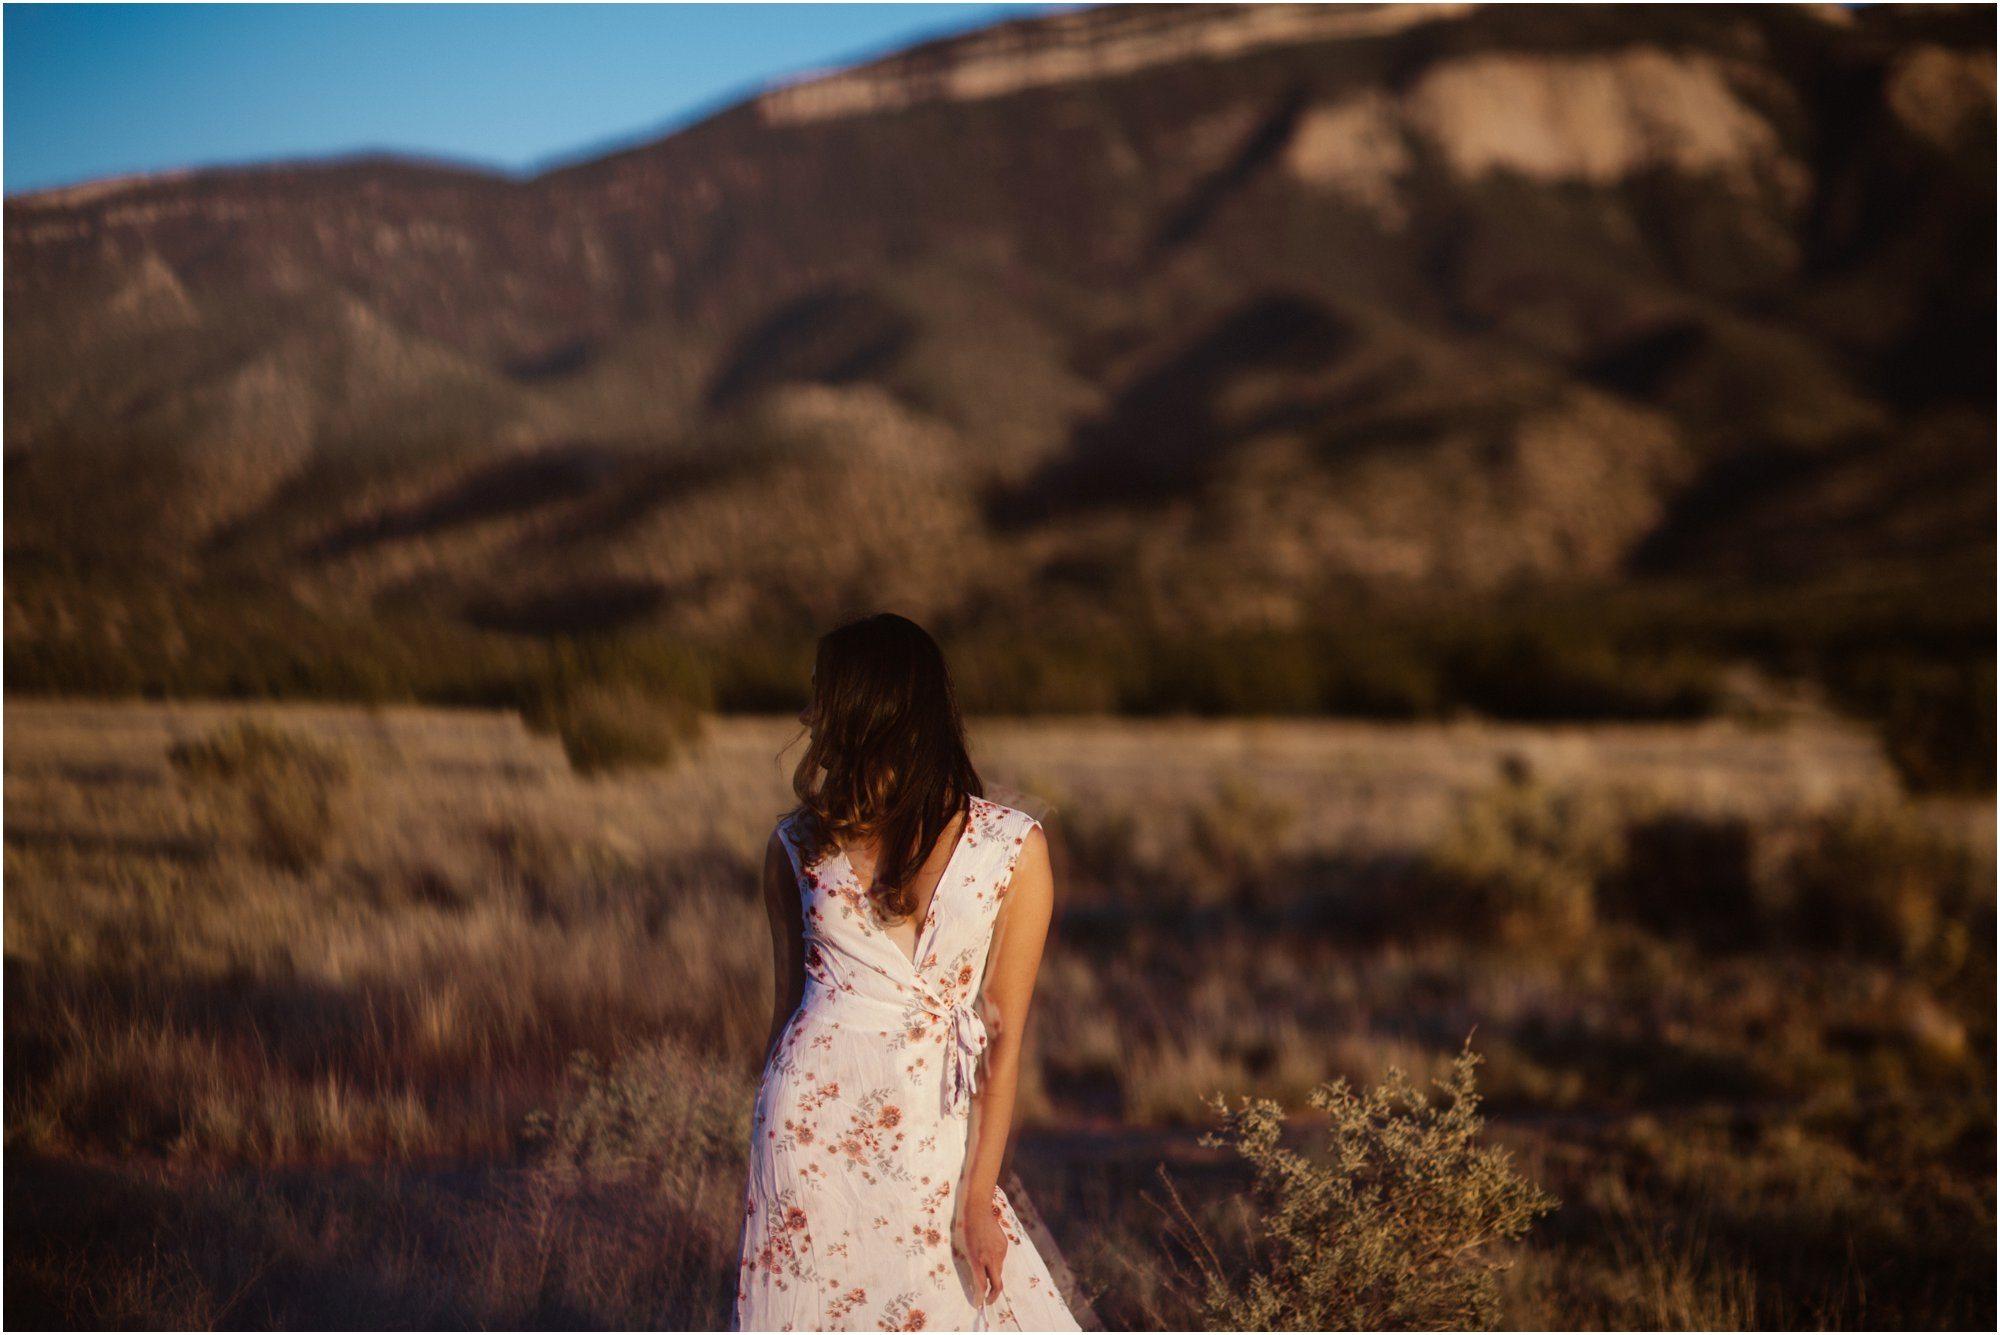 043Blue Rose Photography_ Albuquerque Portrait Photographer_ Fine Art Portraits_ Santa Fe Photographer